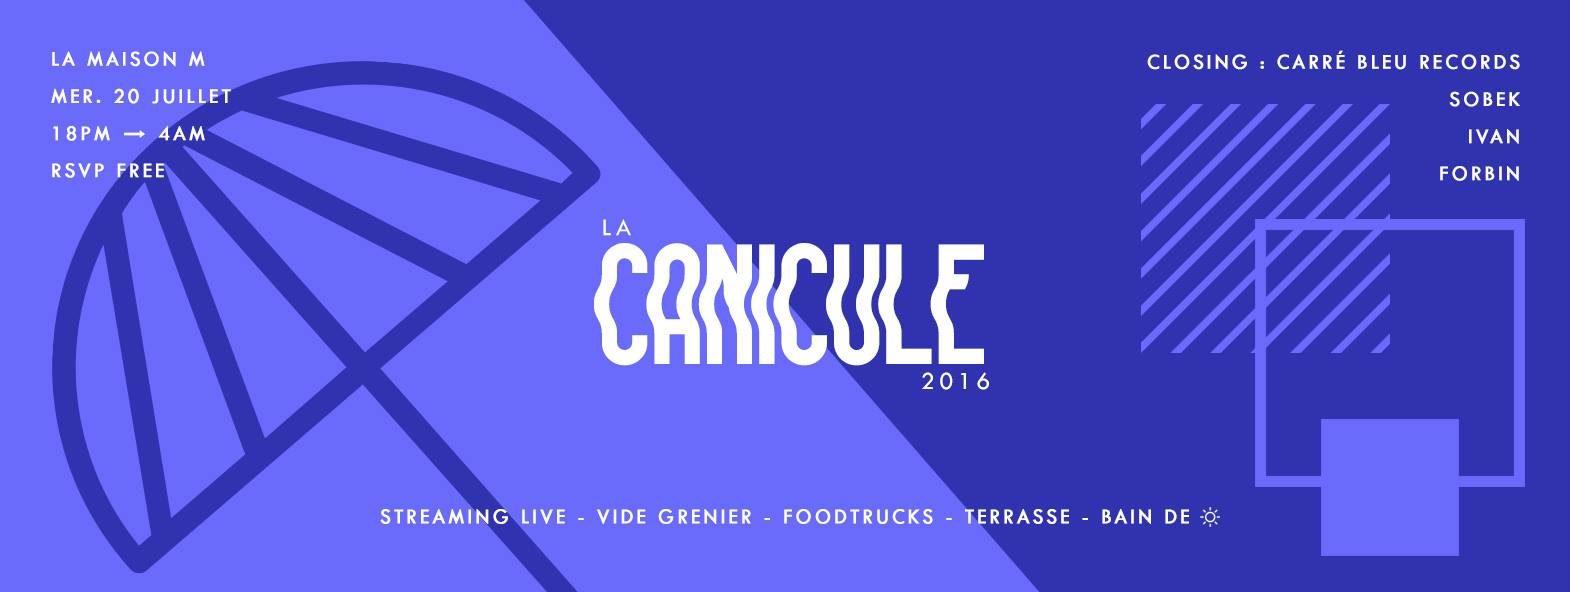 La Canicule #12 - Closing avec Carré Bleu Records